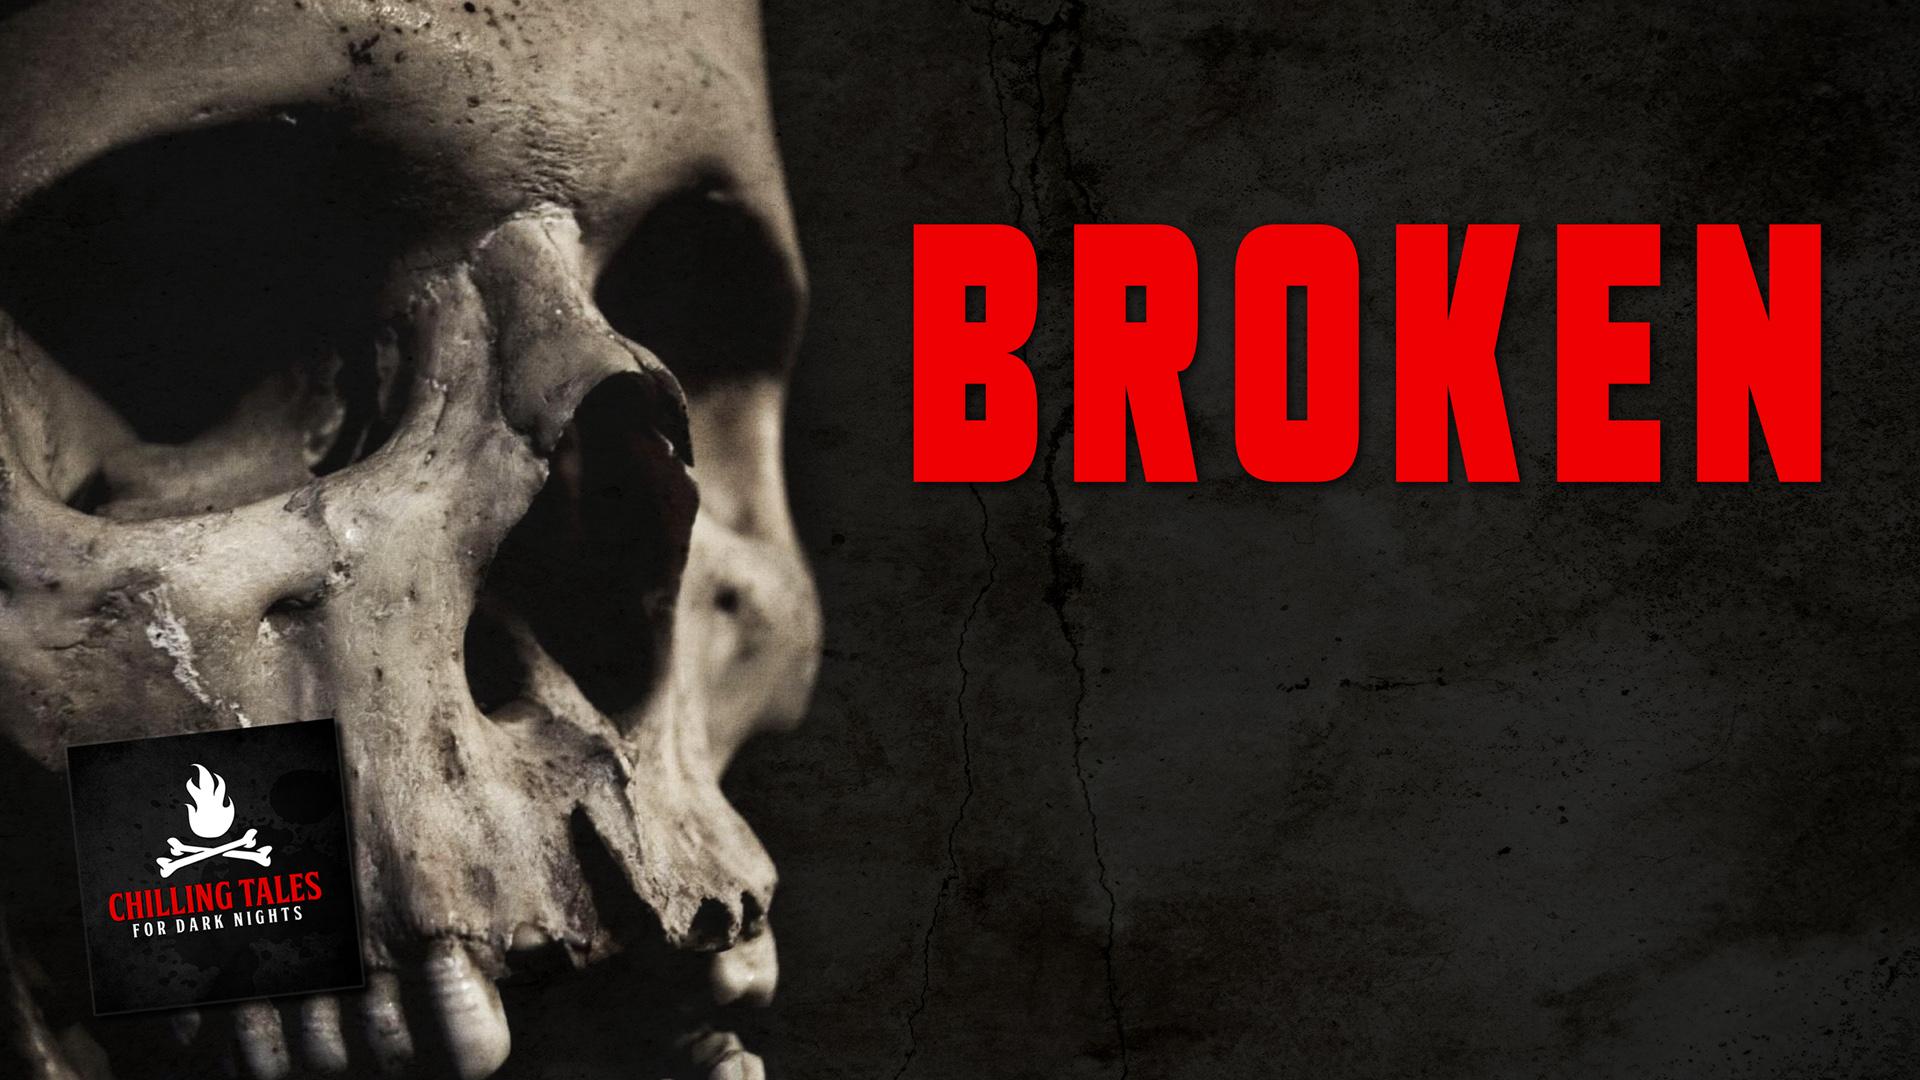 Broken - Chilling Tales for Dark Nights